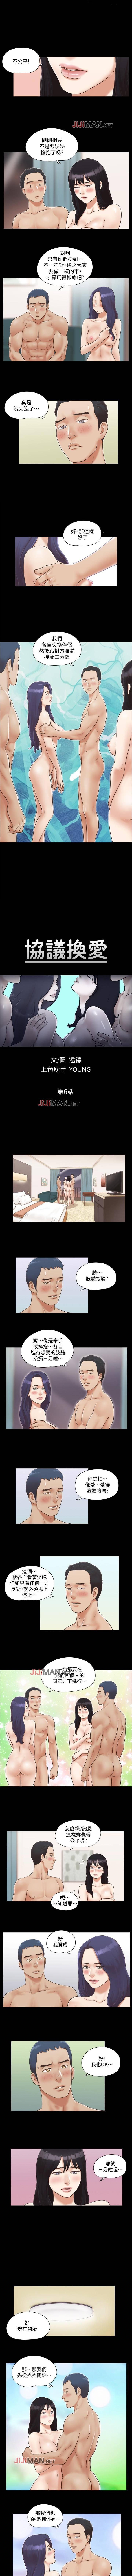 【周五连载】协议换爱(作者:遠德) 第1~57话 23